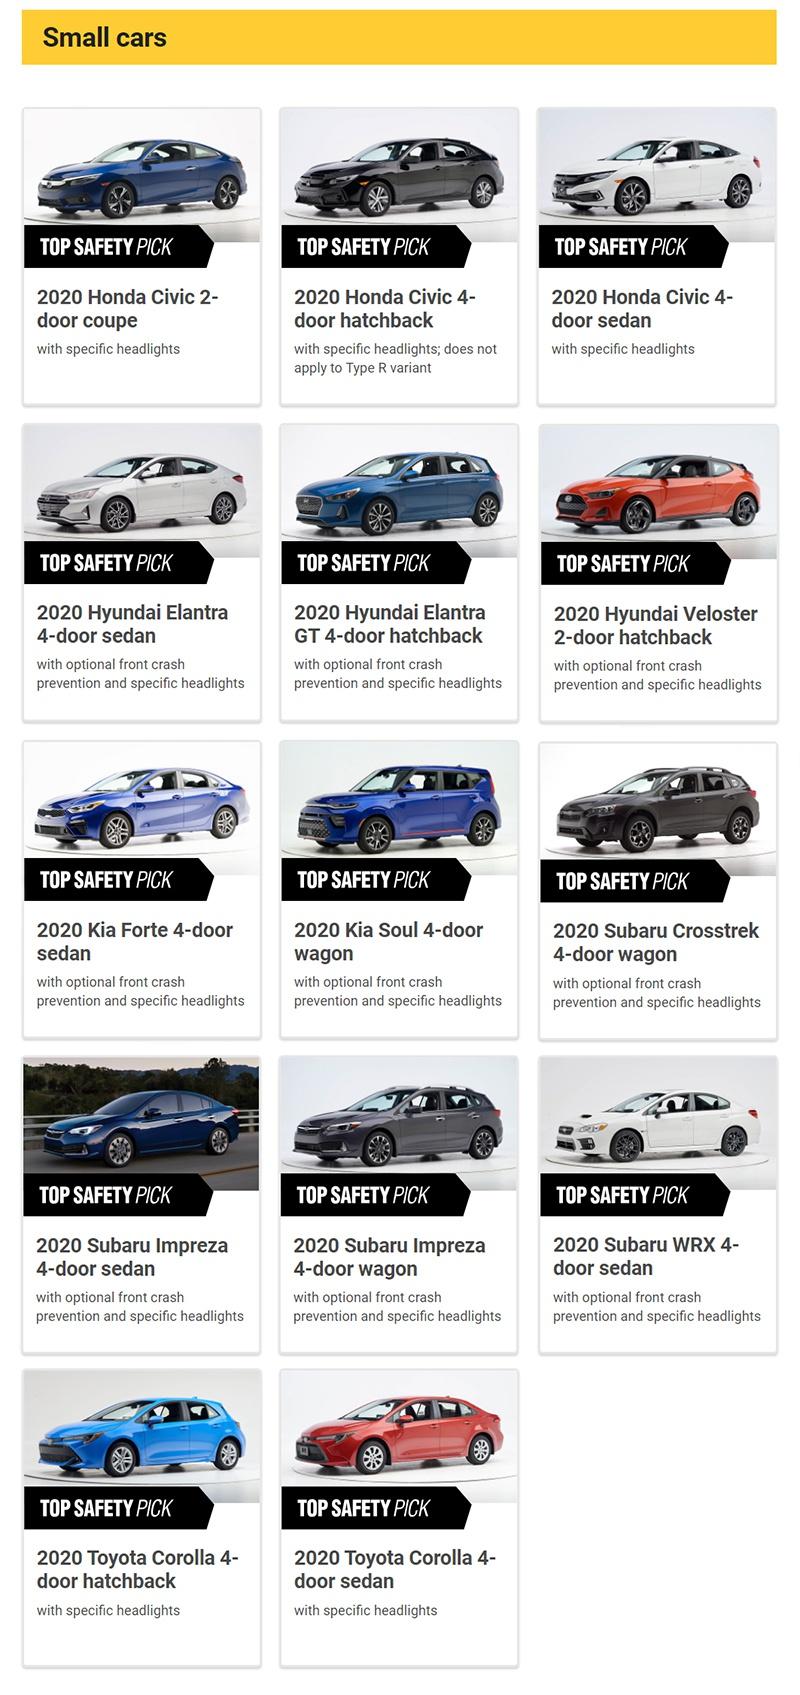 美国IIHS公布2020年64款安全车型